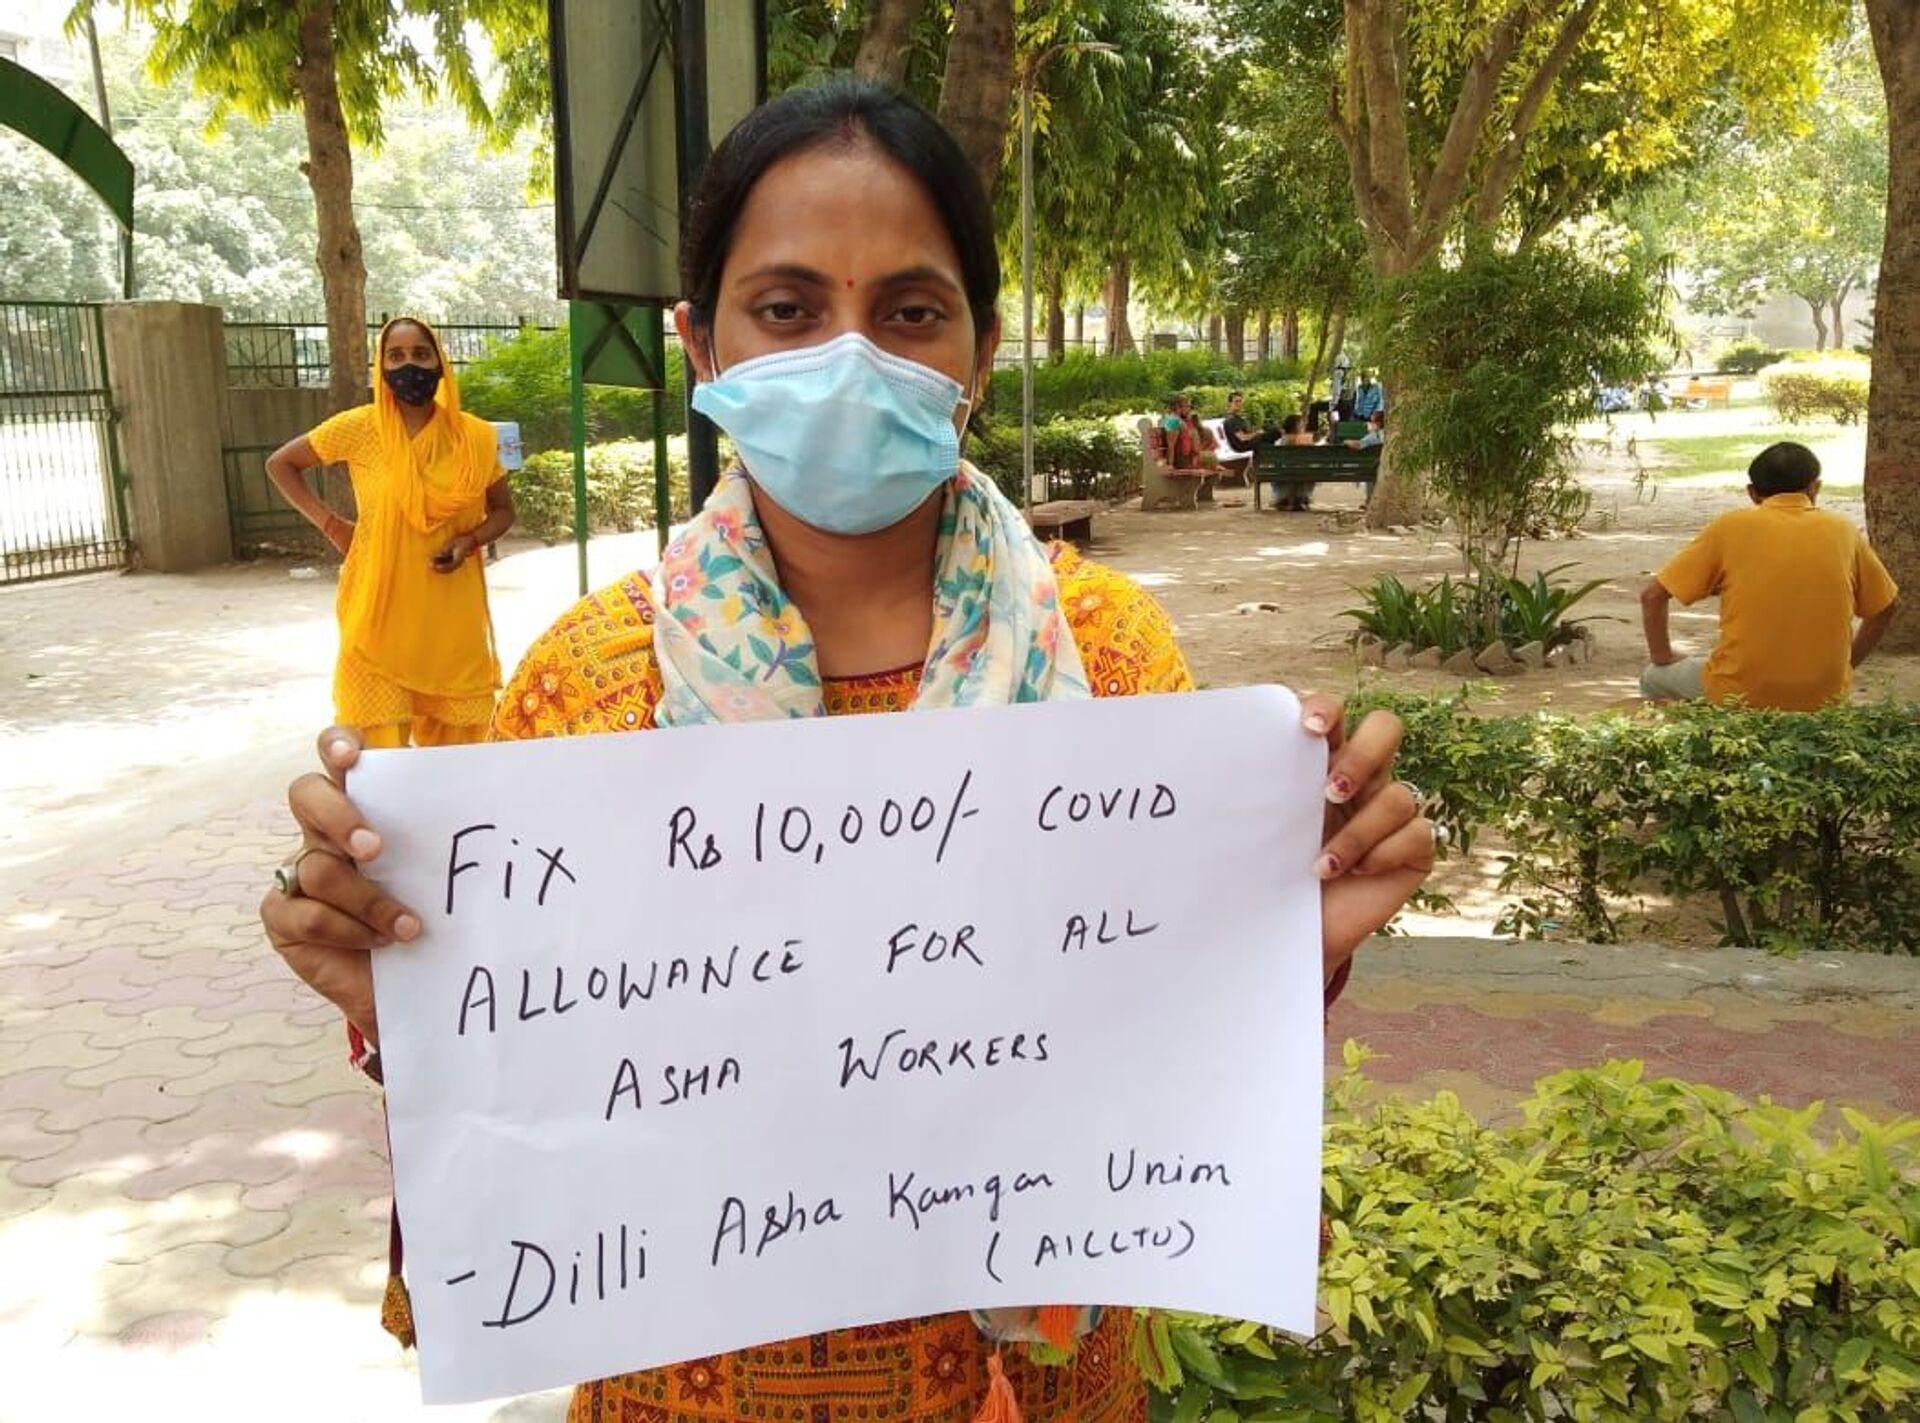 Sapna, an ASHA worker, protesting outside South Delhi's Gautam Nagar primary health care dispensary - Sputnik International, 1920, 07.09.2021